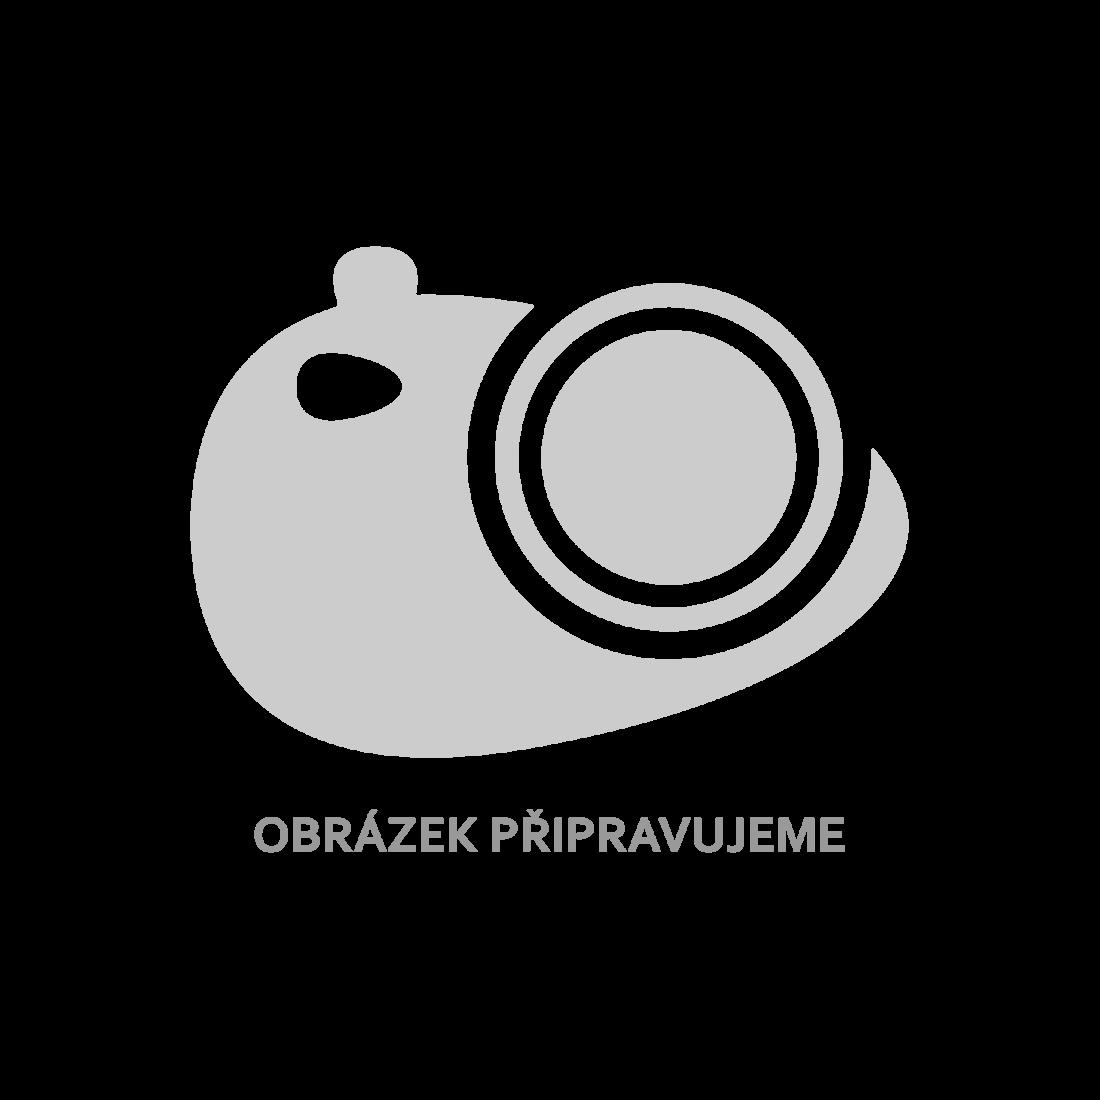 Stolička k toaletnímu stolku, teple bílá